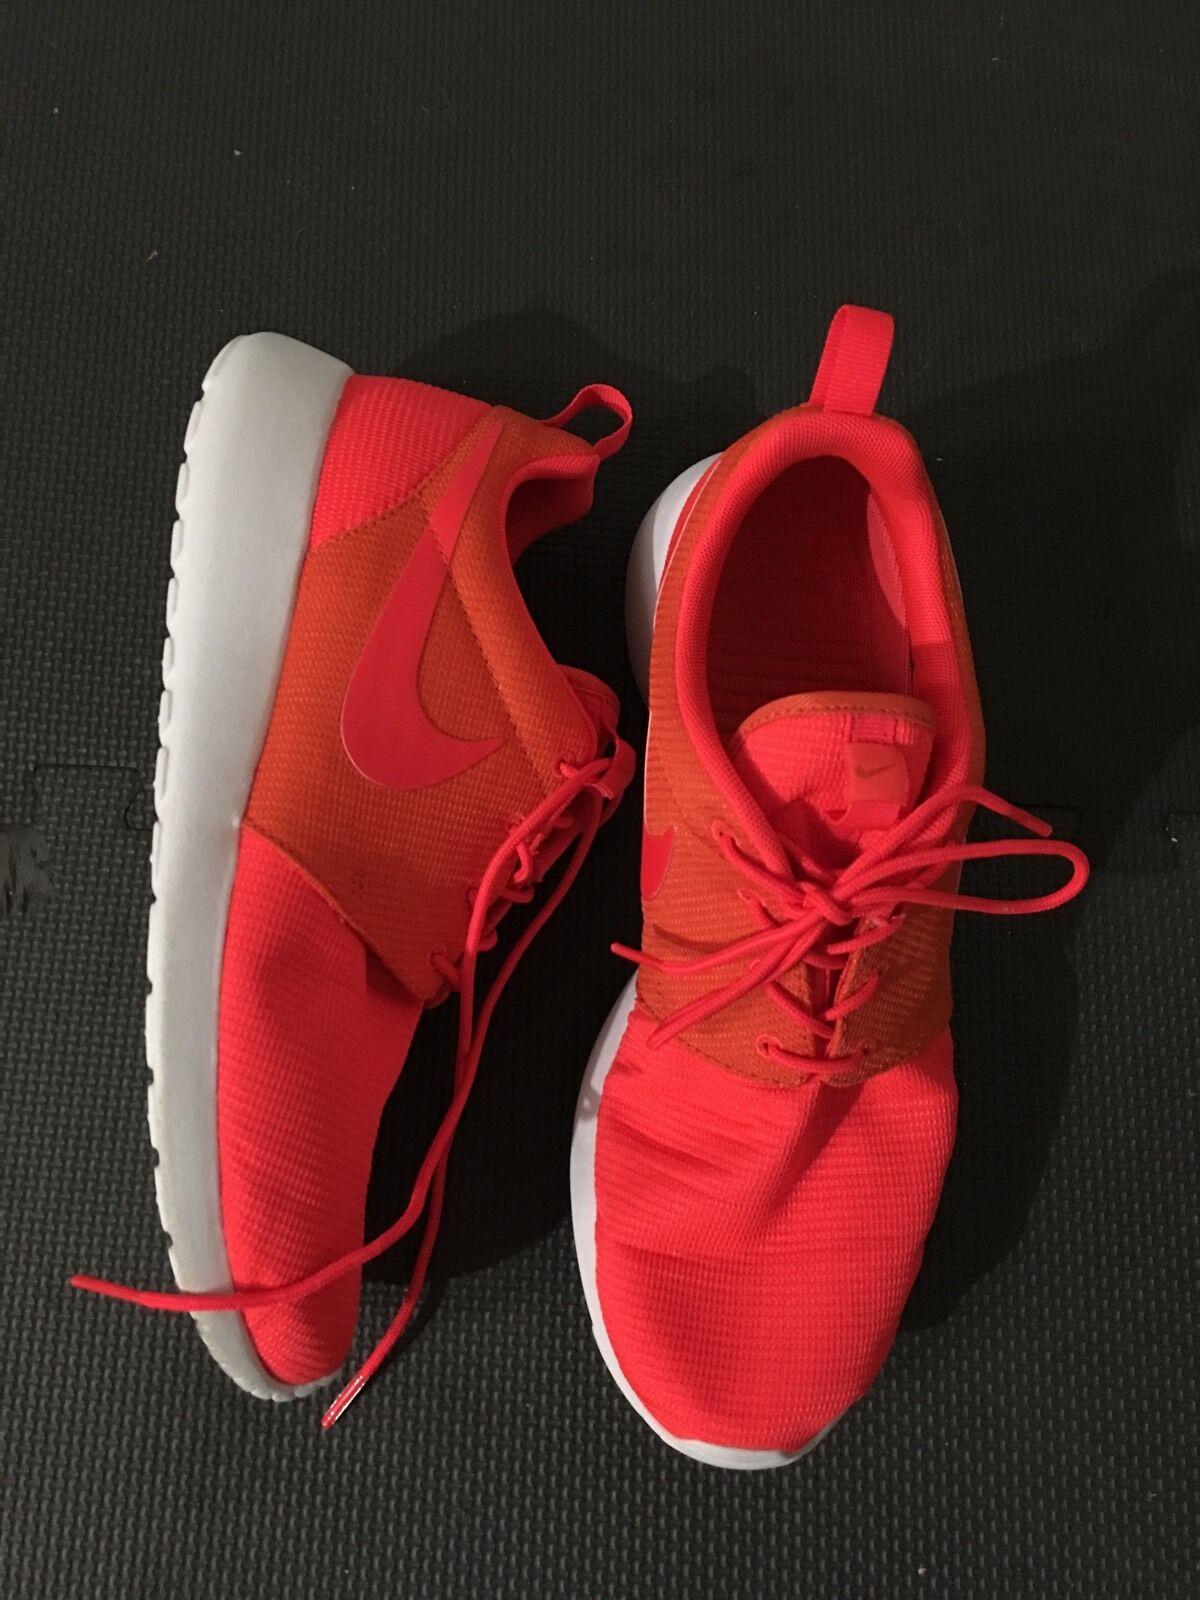 Nike Hombres Rosche Naranja zapatilla 9.5 de deporte, tamaño 9.5 zapatilla 98e5fa